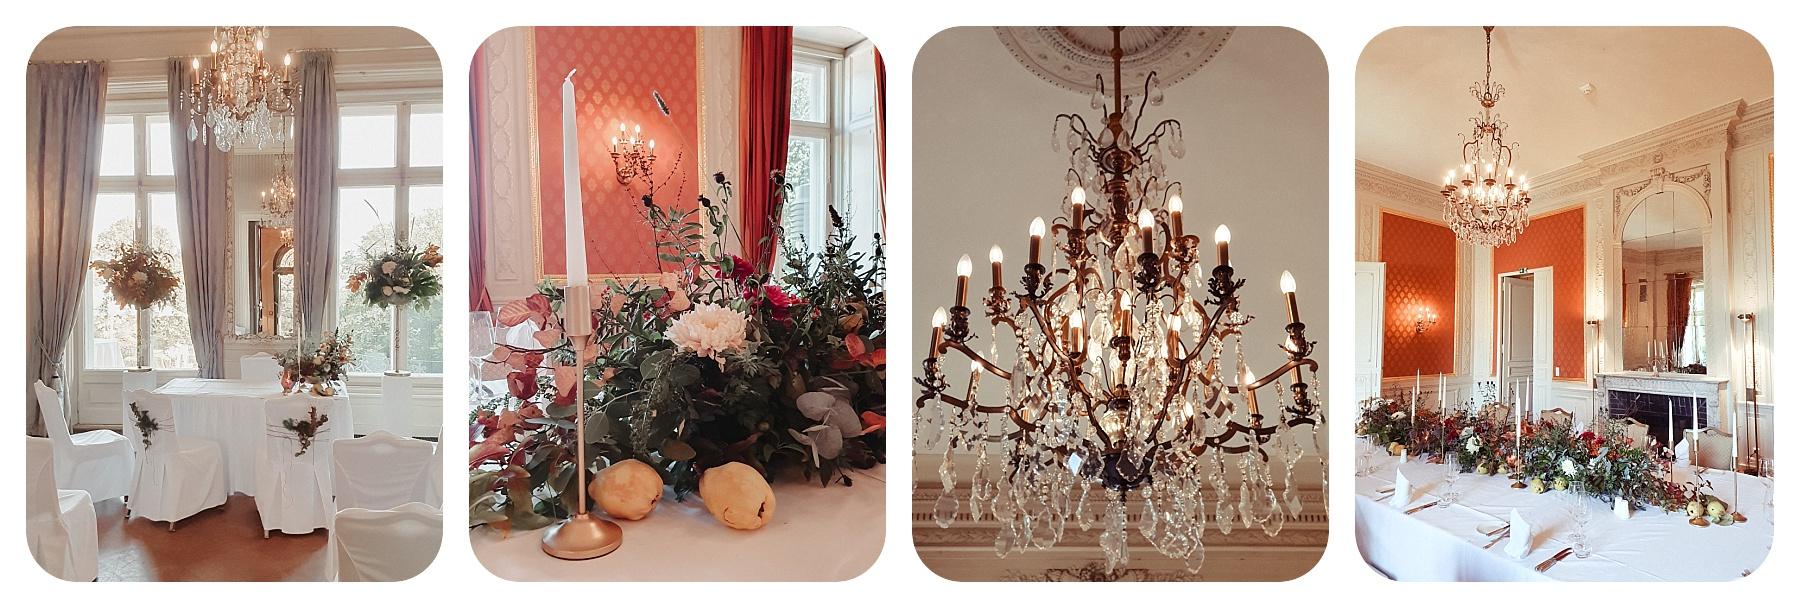 Villa Rothschild Königstein Hochzeitsfotograf